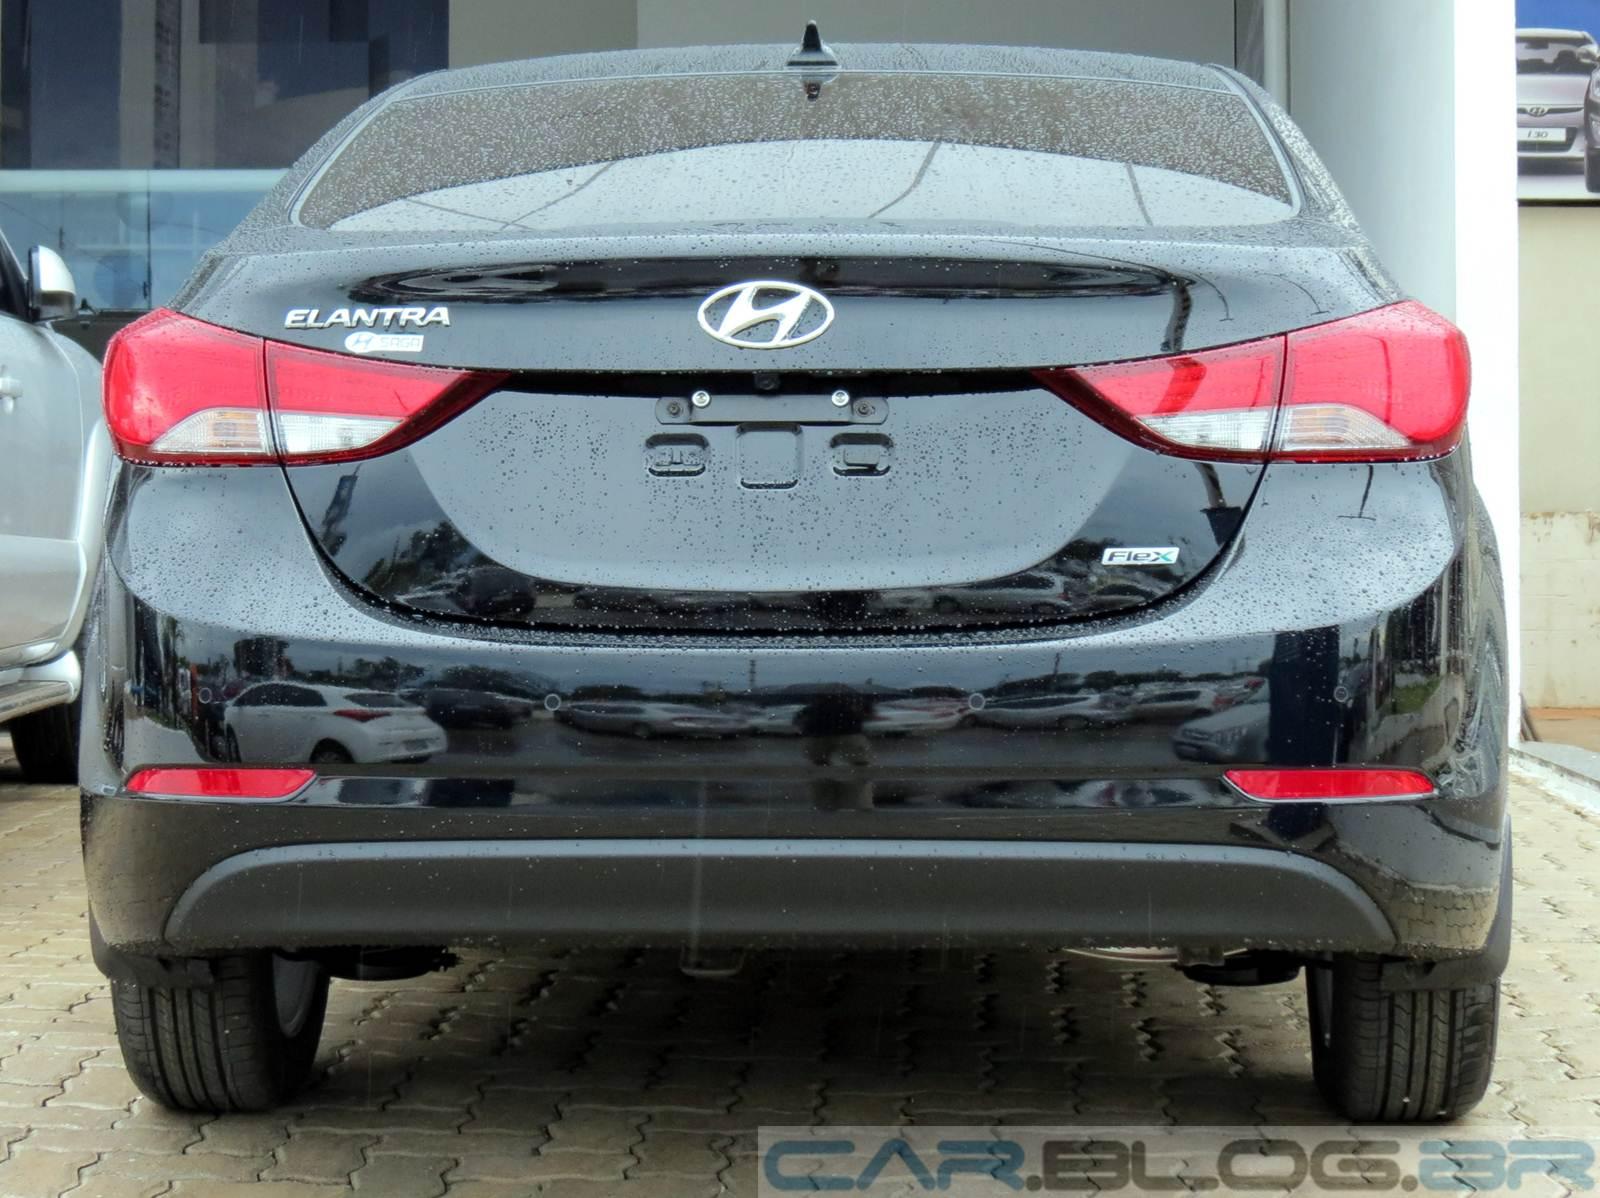 Hyundai Elantra 2.0 Flex 2014 - Preto